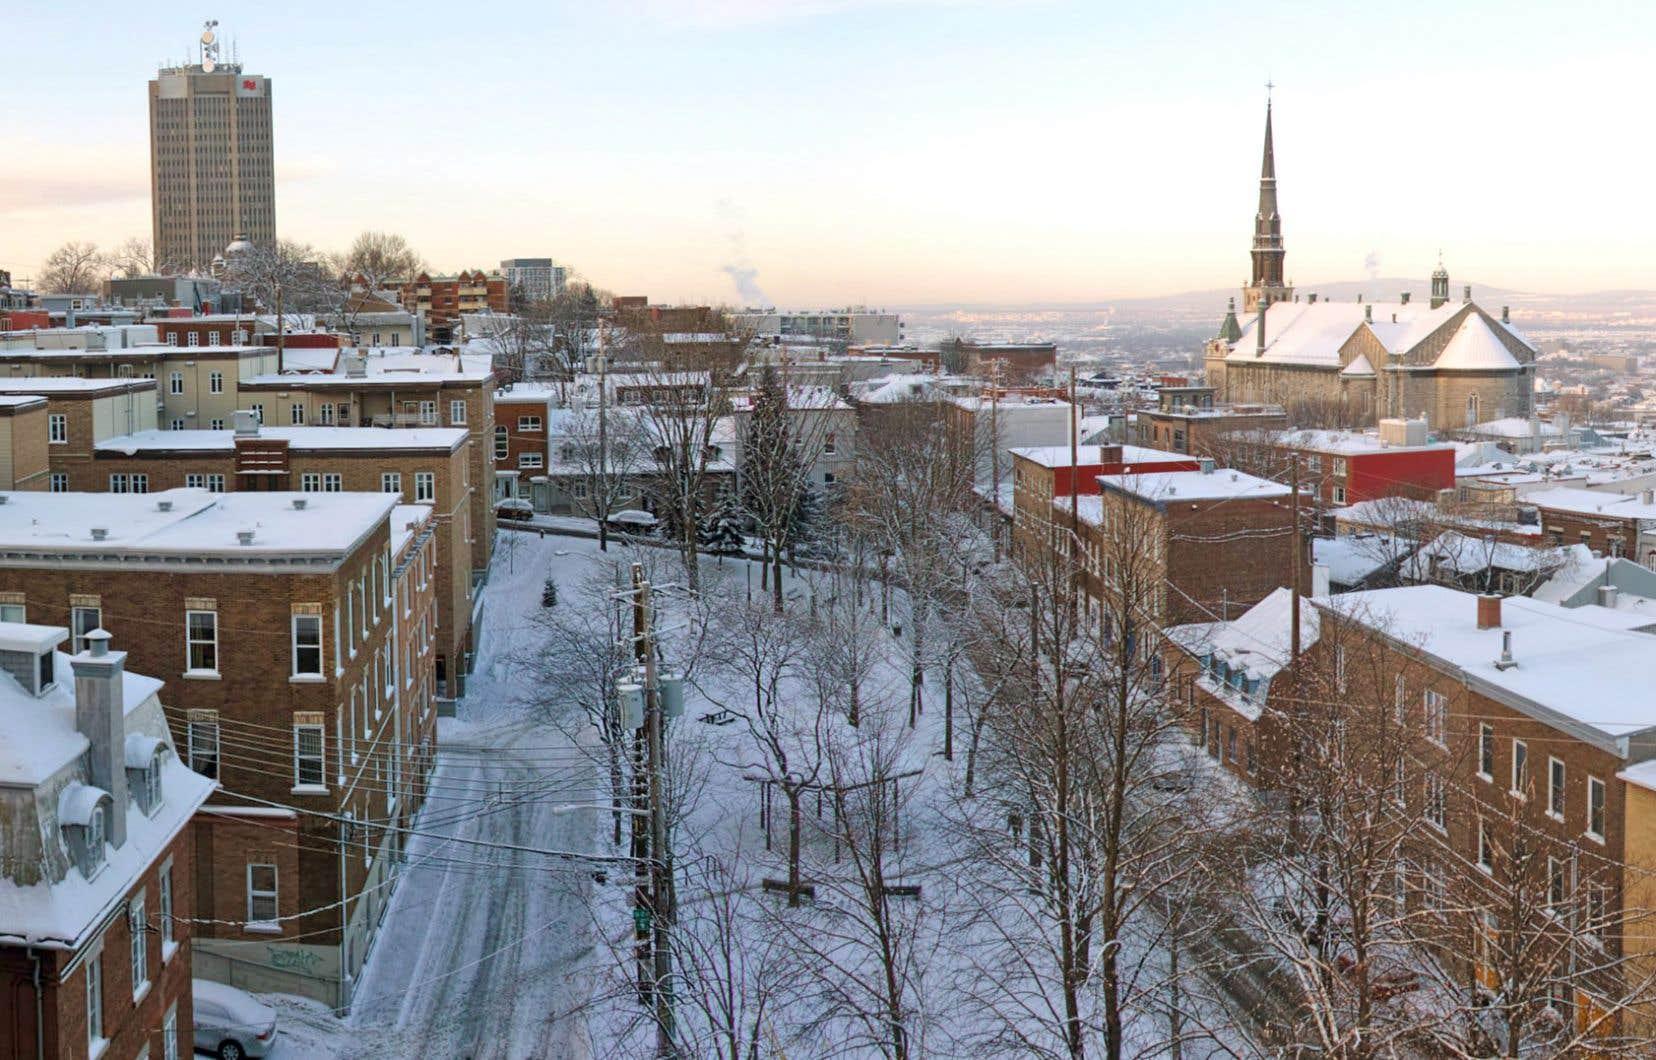 «L'ampleur du phénomène dans le Vieux-Québec–Cap-Blanc–Colline Parlementaire est bien connue, mais le problème dépasse les frontières de ce quartier», selon les auteurs.